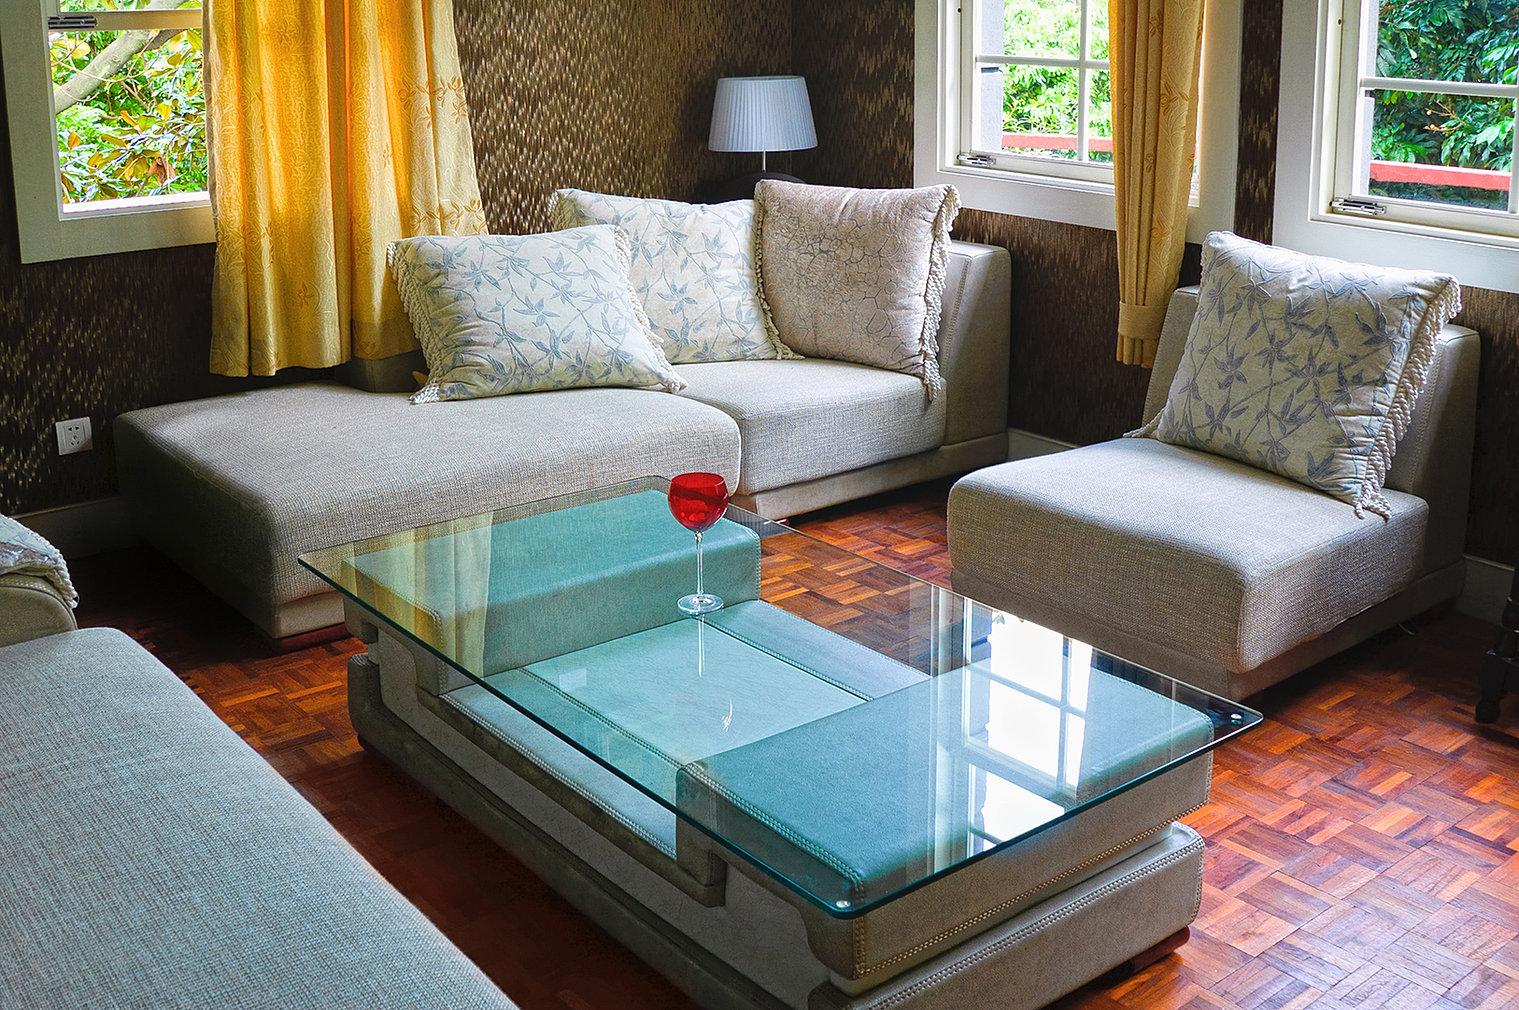 mobile reinigung von matratzen teppichen polster. Black Bedroom Furniture Sets. Home Design Ideas